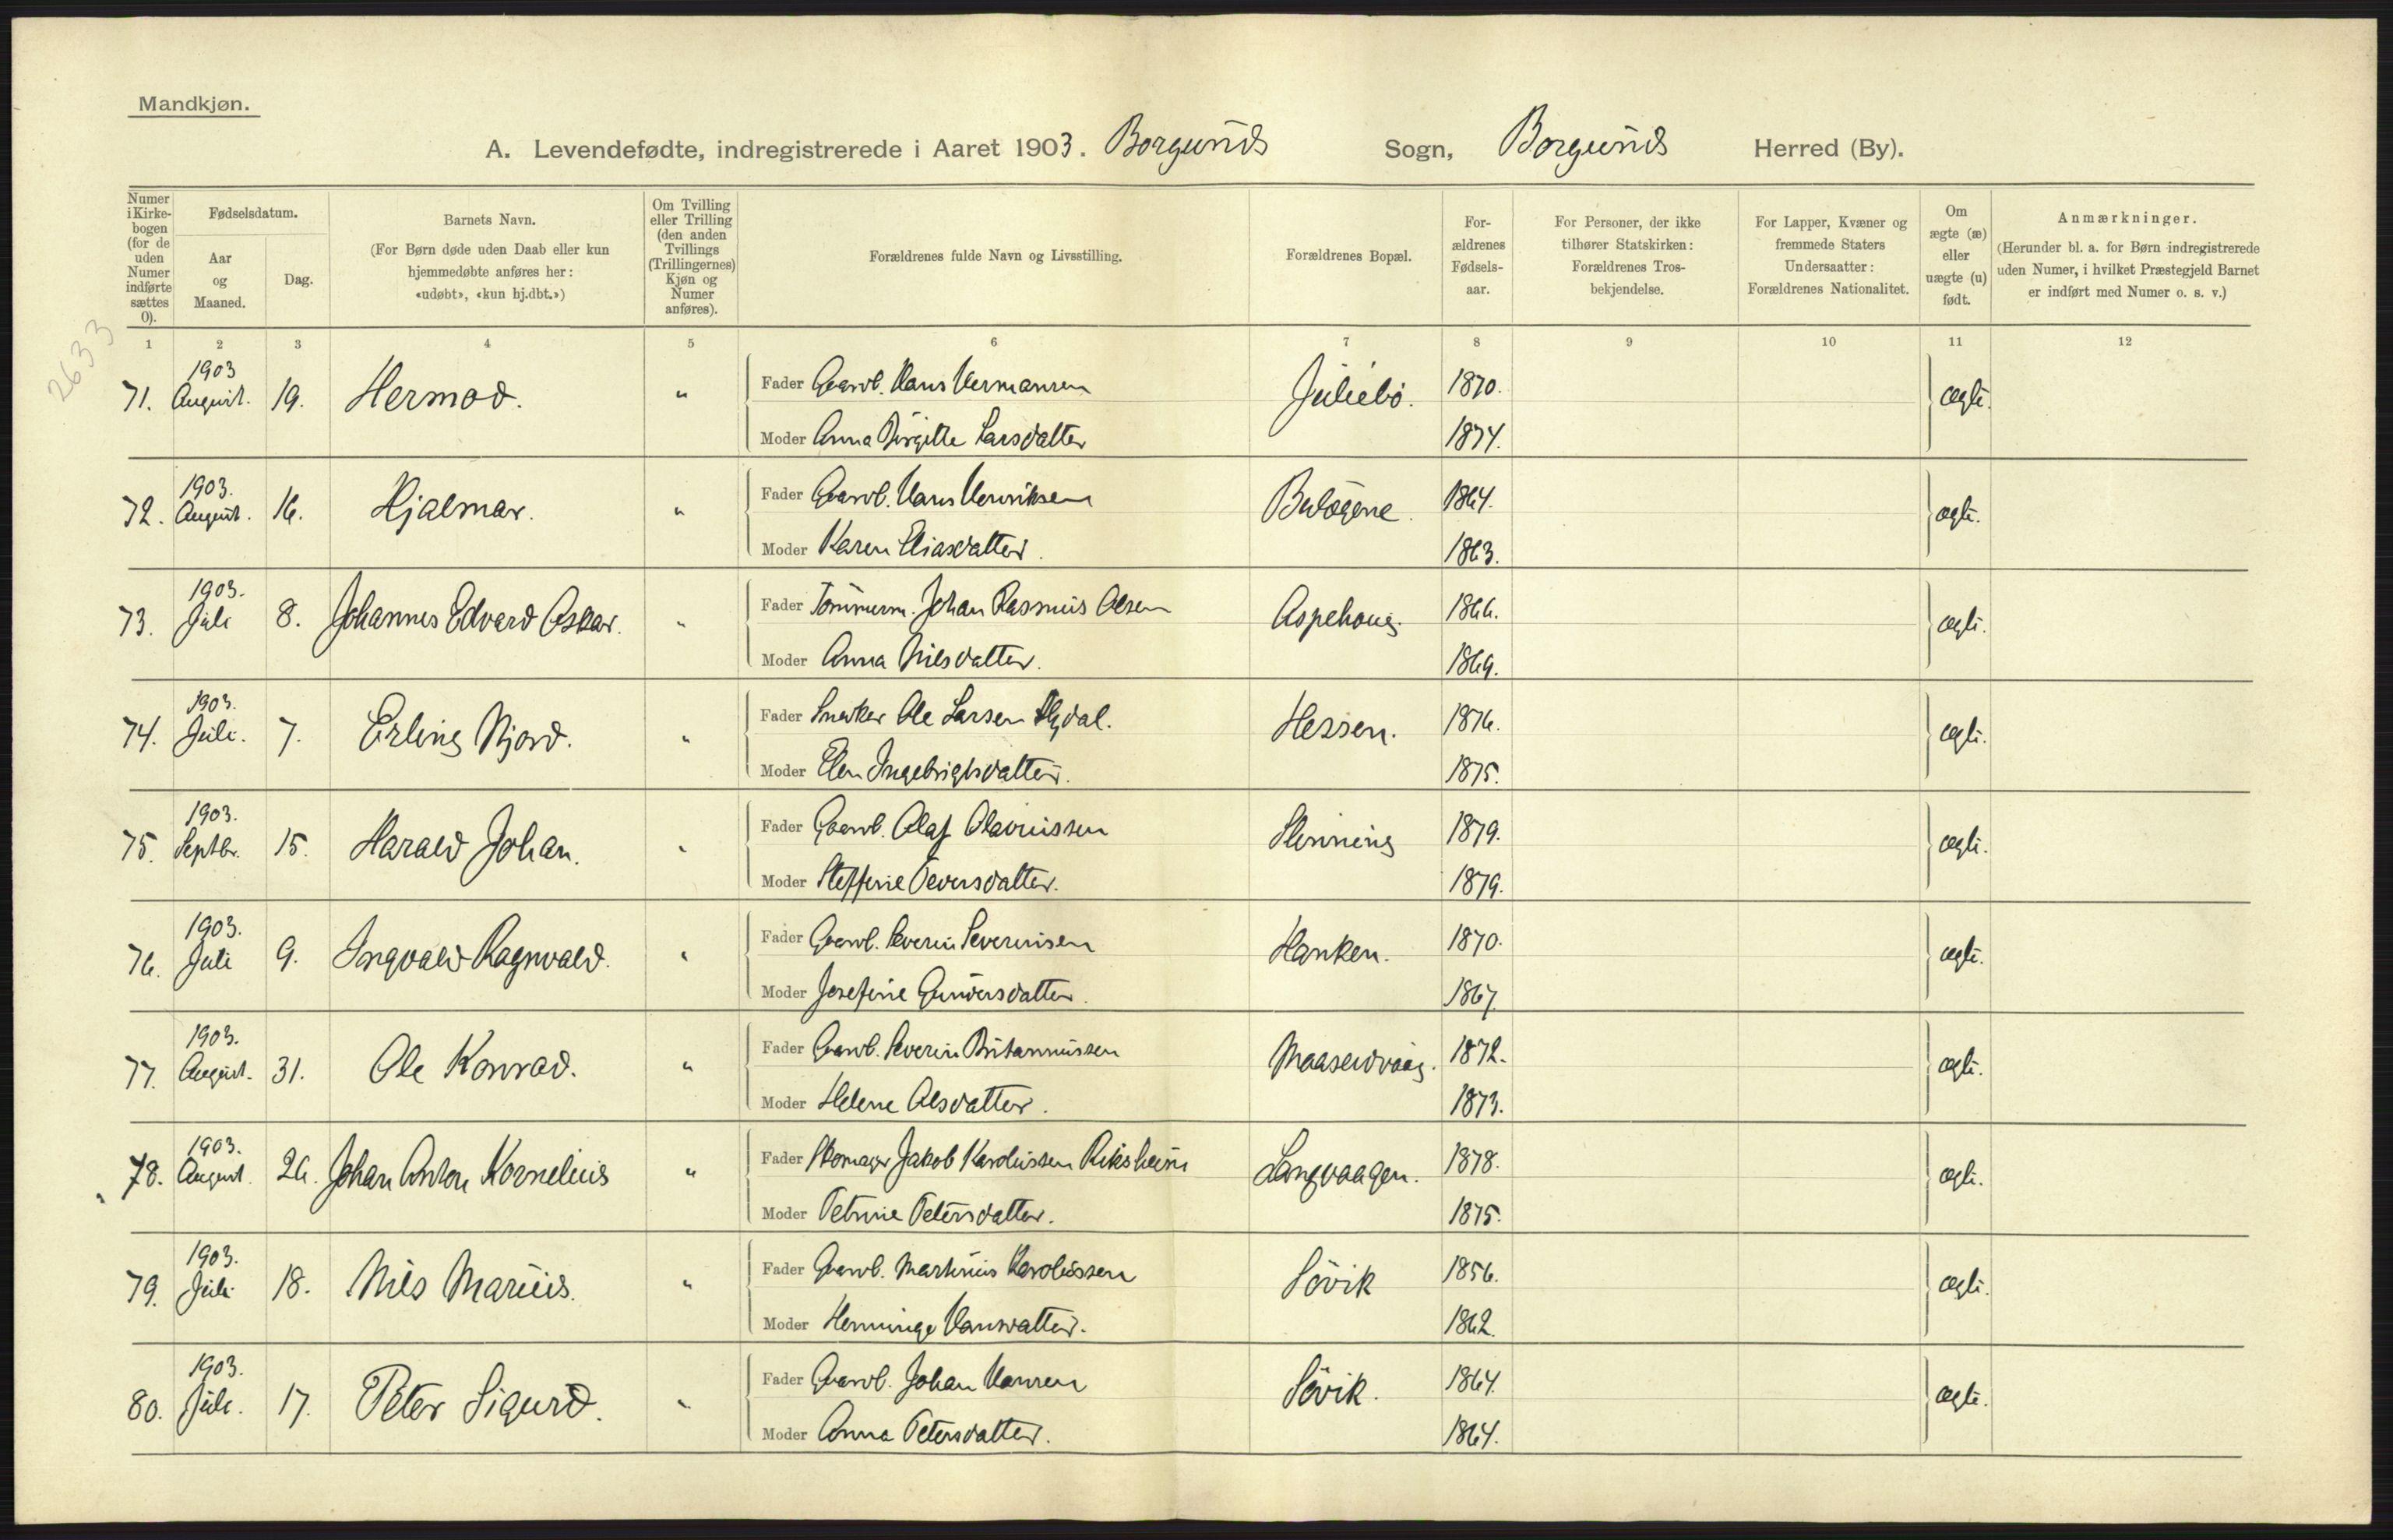 RA, Statistisk sentralbyrå, Sosiodemografiske emner, Befolkning, D/Df/Dfa/Dfaa/L0016: Romsdal amt: Fødte, gifte, døde., 1903, s. 3